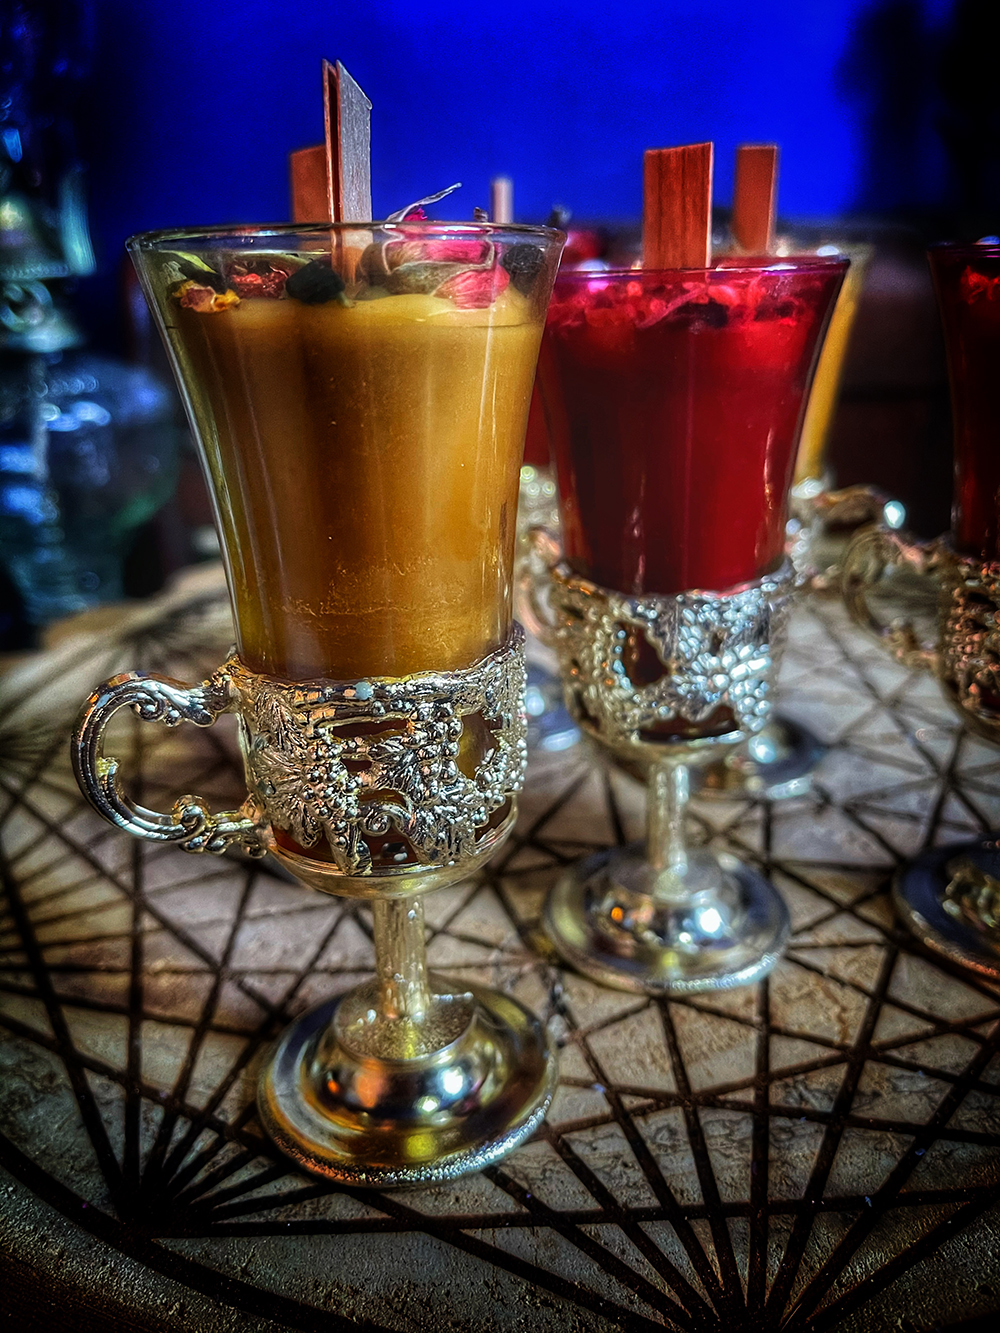 Vesna Shot Glass Candle Vintage